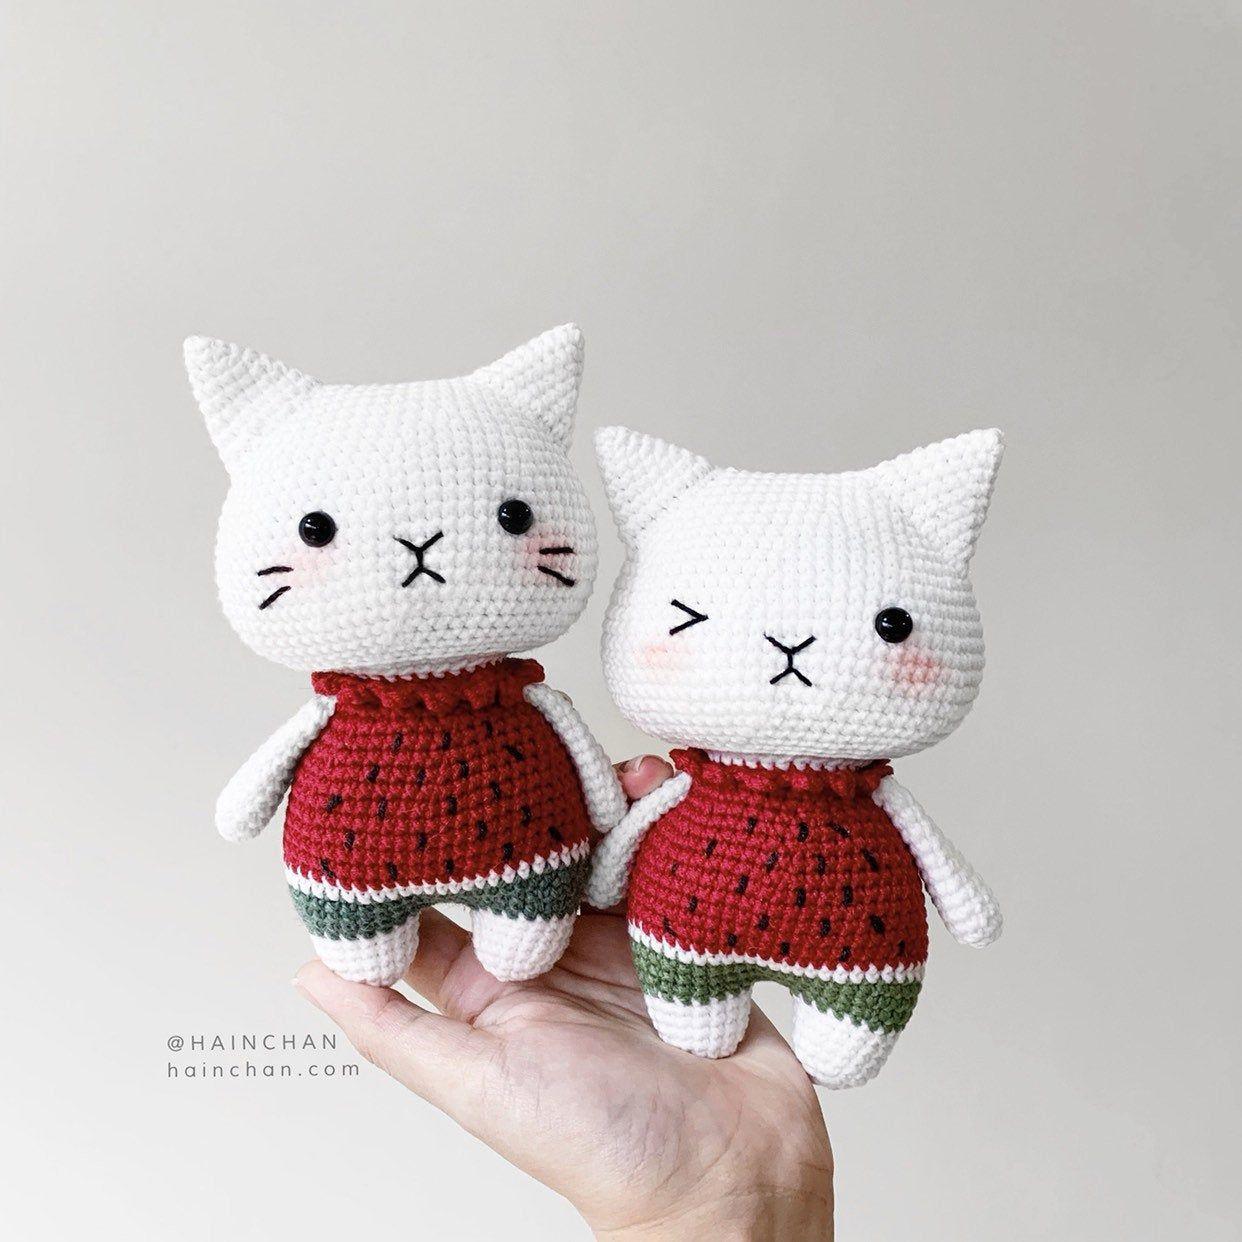 Suika The Little Cat Crochet PDF pattern instant download